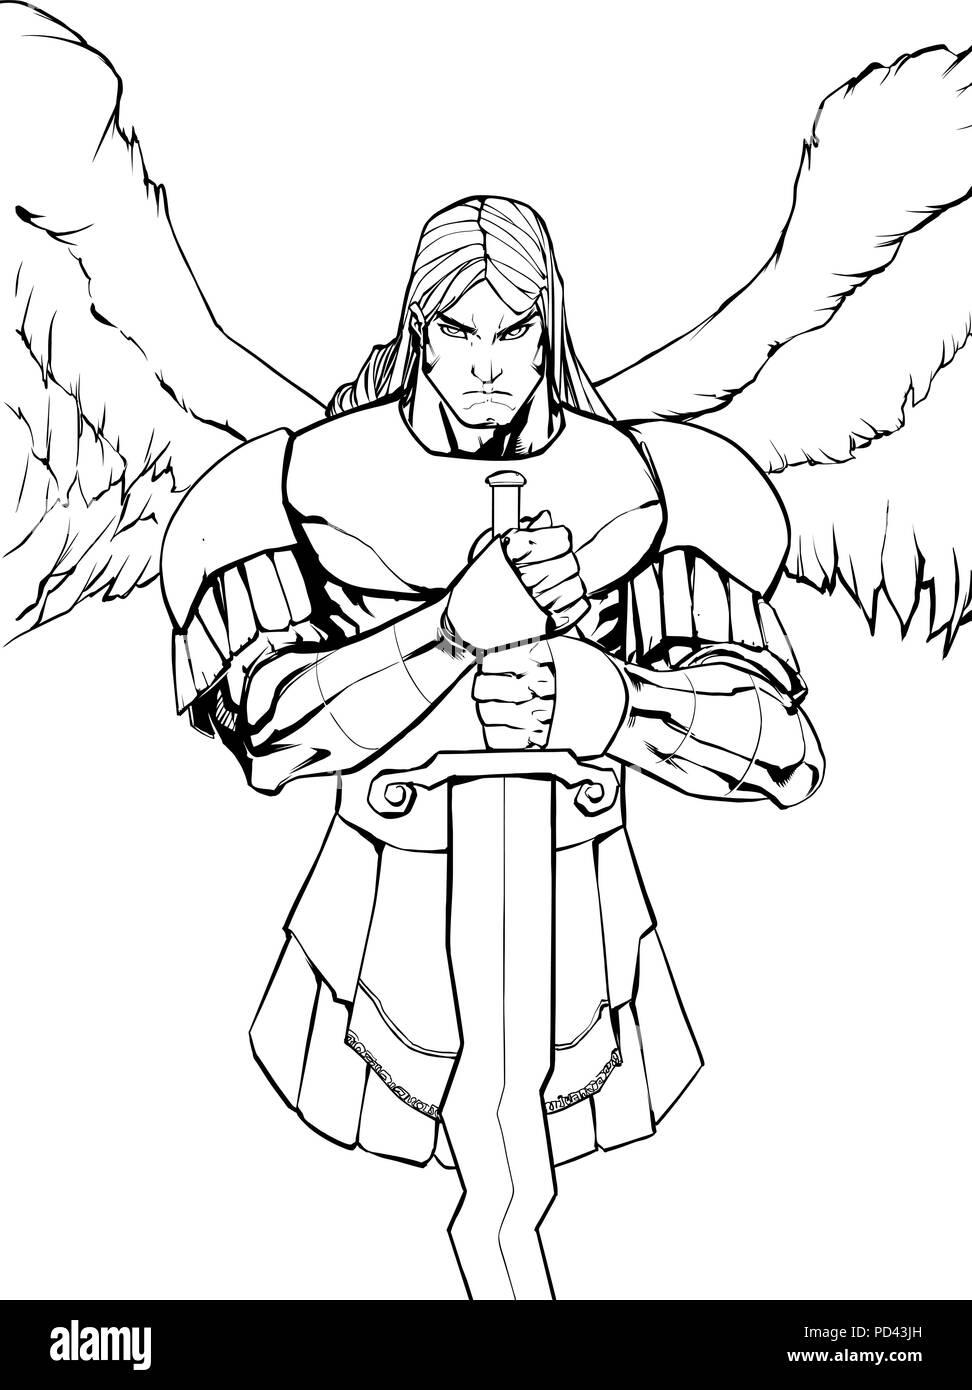 Archangel Michael Portrait Line Art - Stock Vector